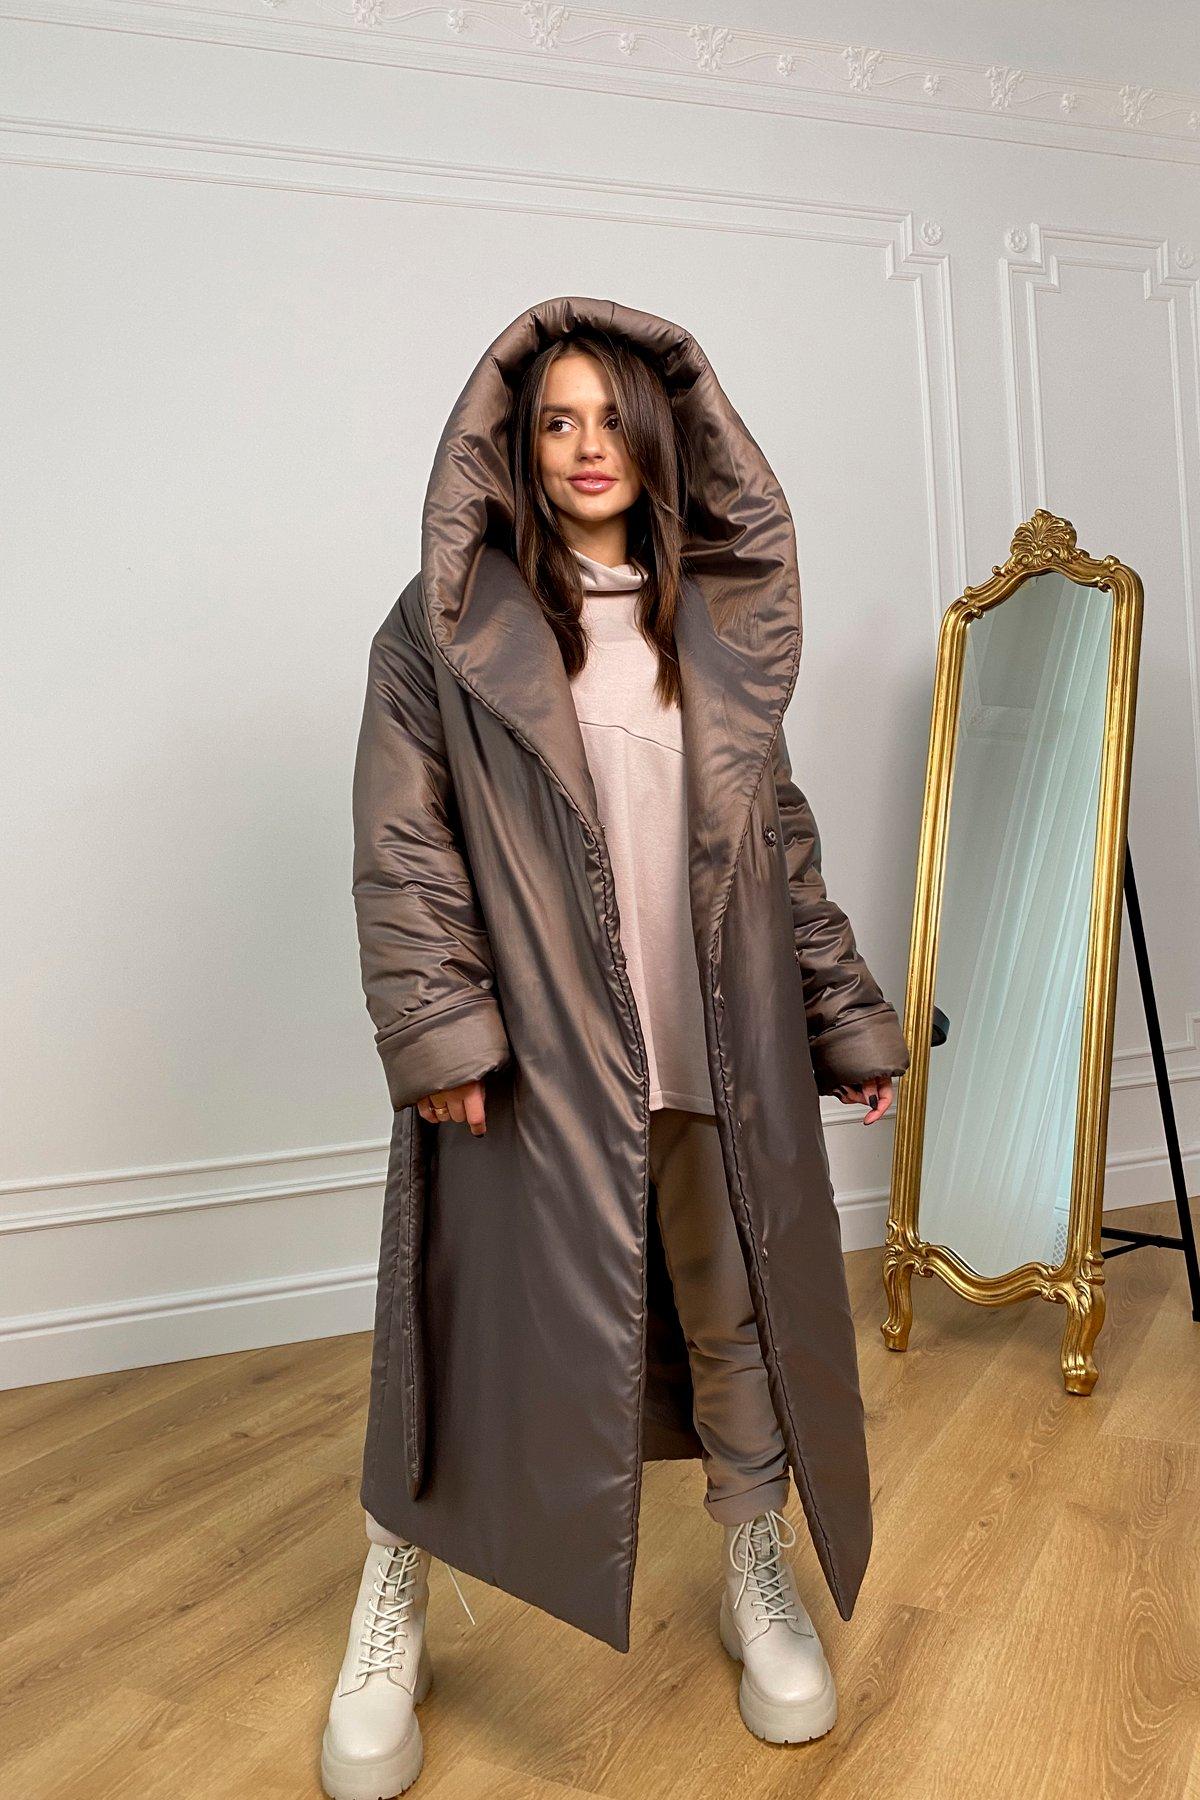 Берлин пальто зимнее из плащевой ткани, стеганое 10082 АРТ. 46395 Цвет: Шоколад/хамелеон - фото 2, интернет магазин tm-modus.ru